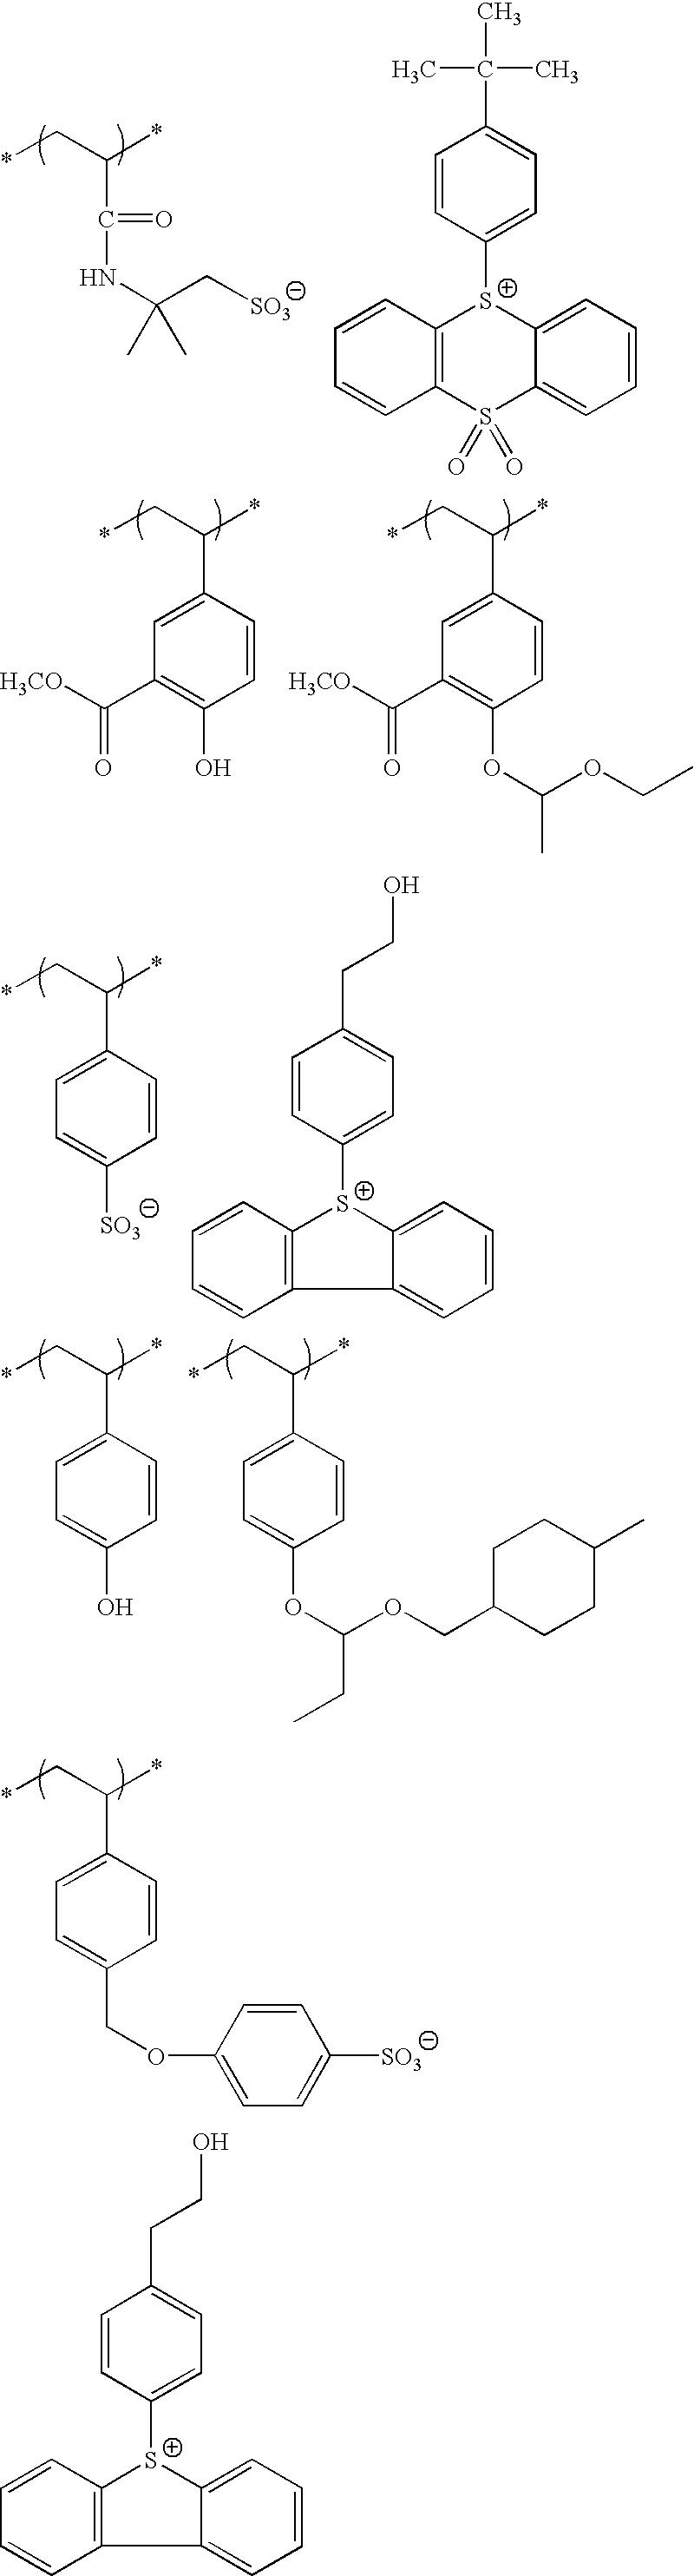 Figure US20100183975A1-20100722-C00158